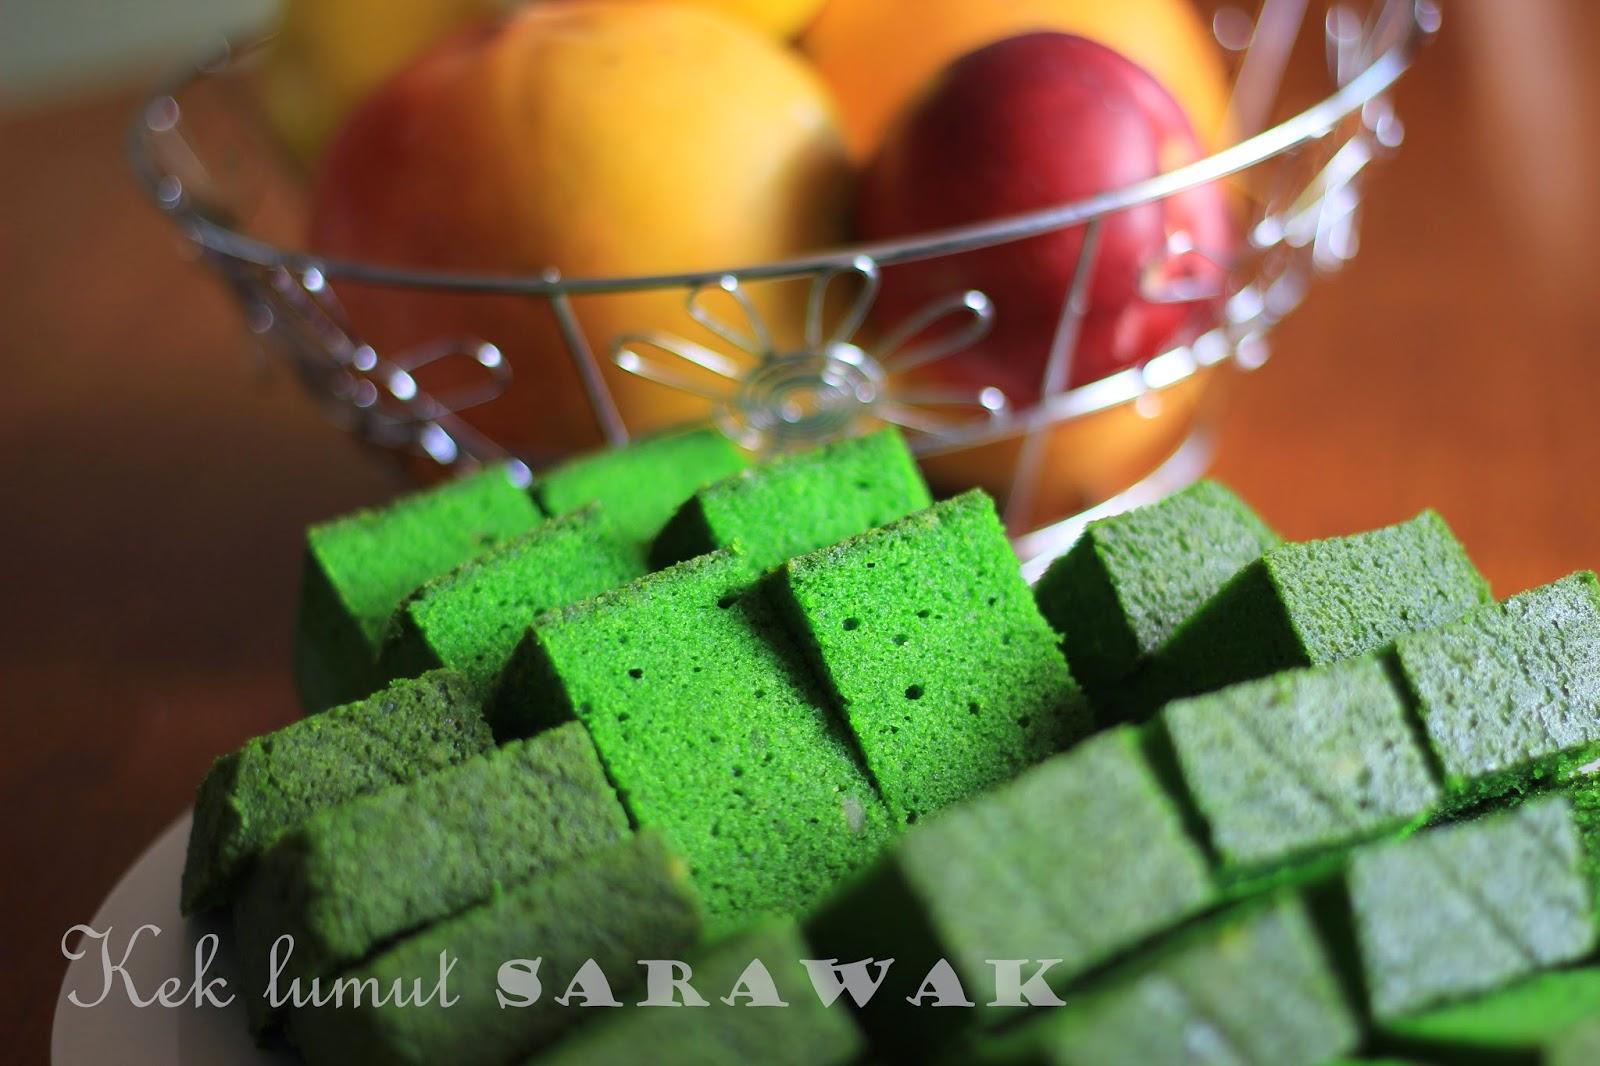 resepi kek durian